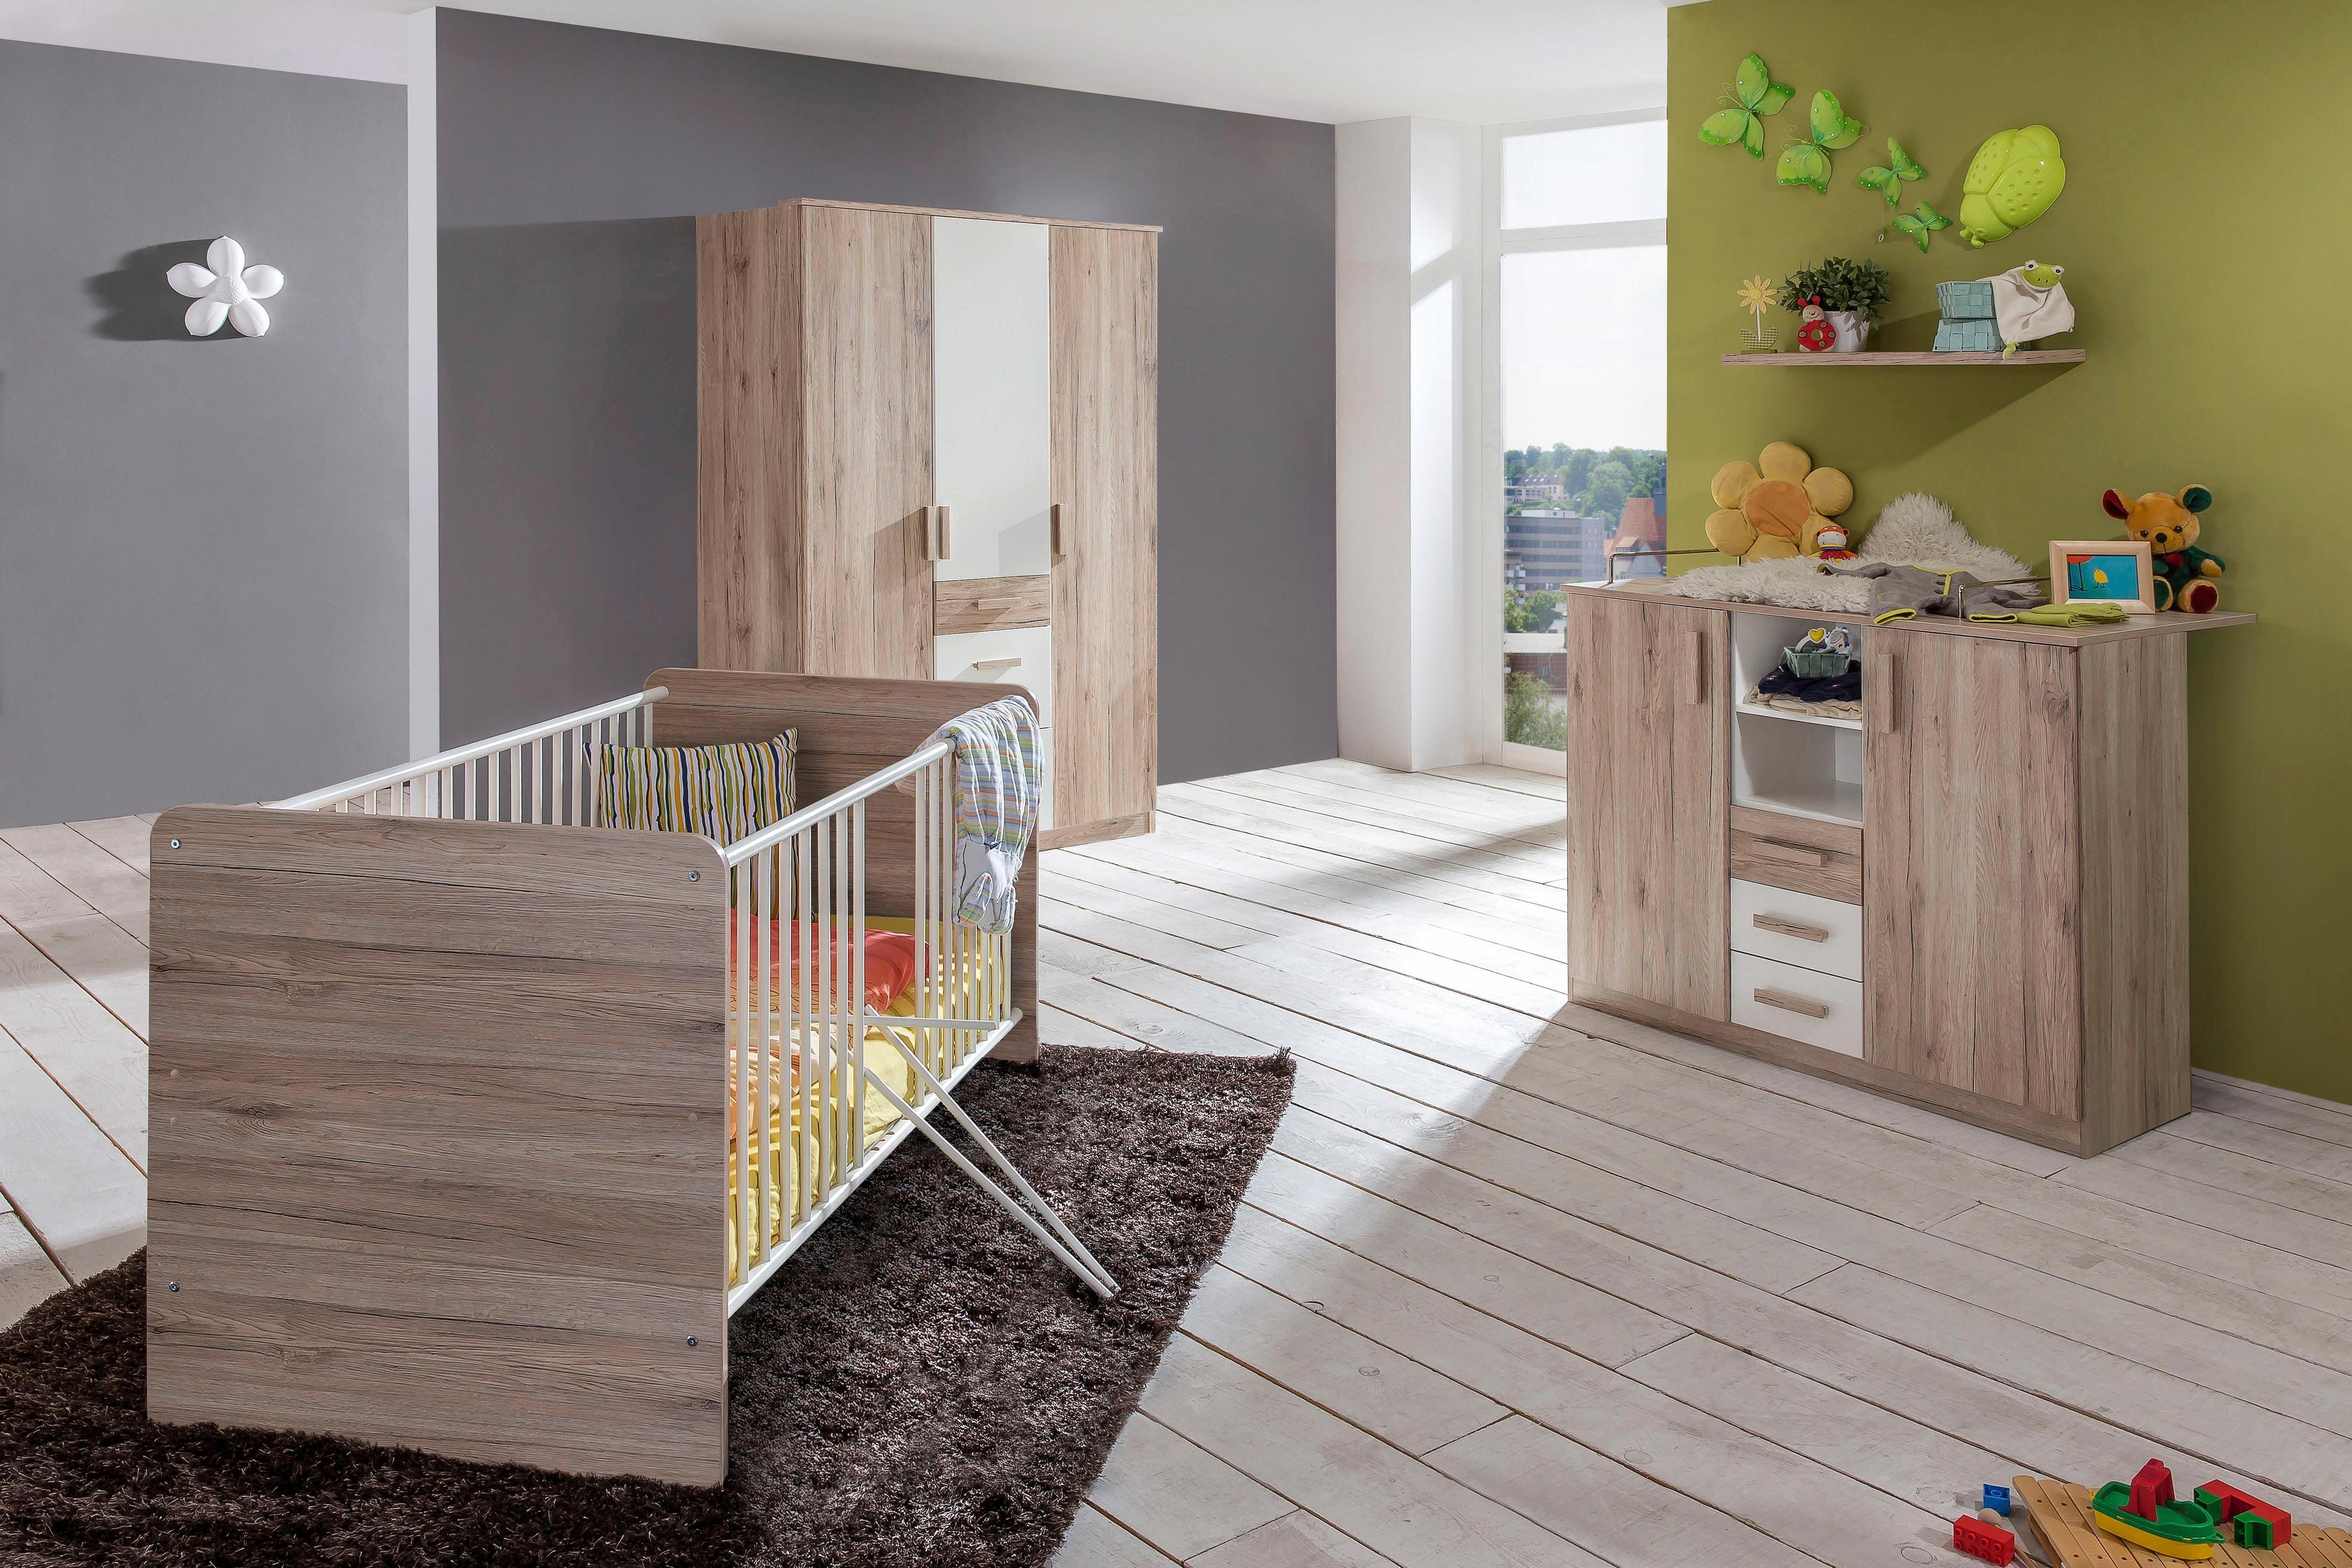 Komplett Babyzimmer Bergamo Babybett + Wickelkommode + großer Kleiderschrank (3-tlg Set) in San Remo eiche NB/ alpinweiß | Kinderzimmer > Babymöbel > Komplett-Babyzimmer | Braun | Buche - Eiche